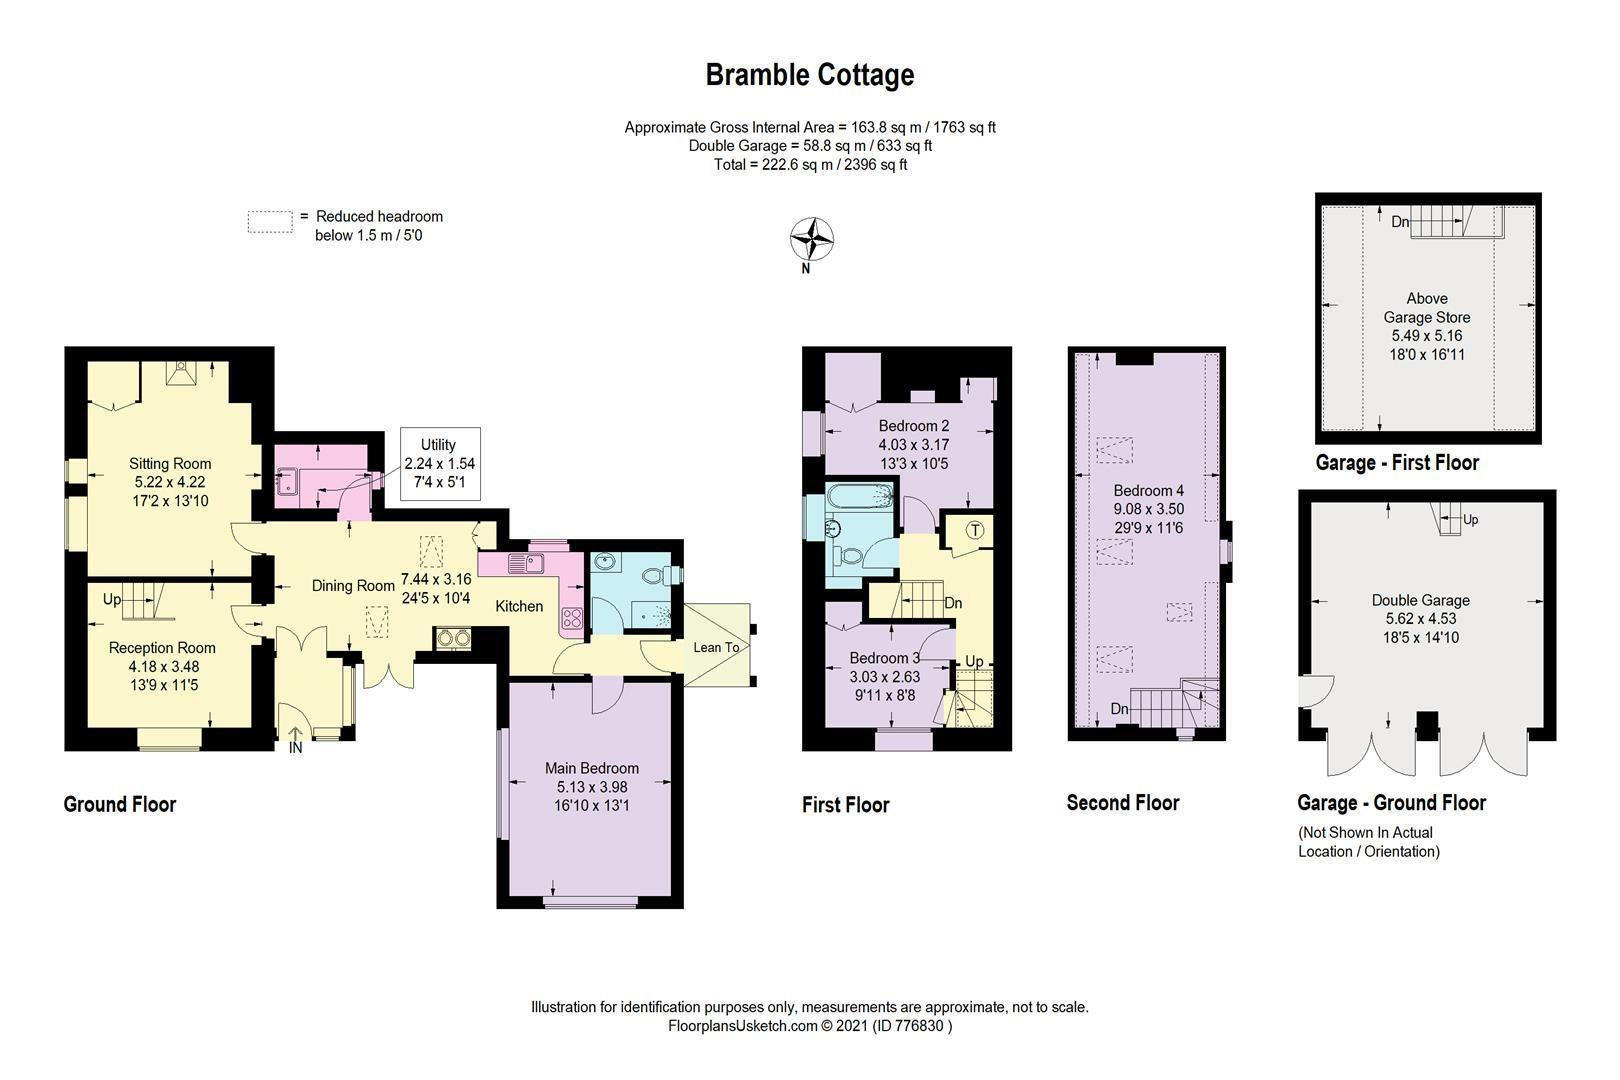 Bramble Cottage - 2nd draft